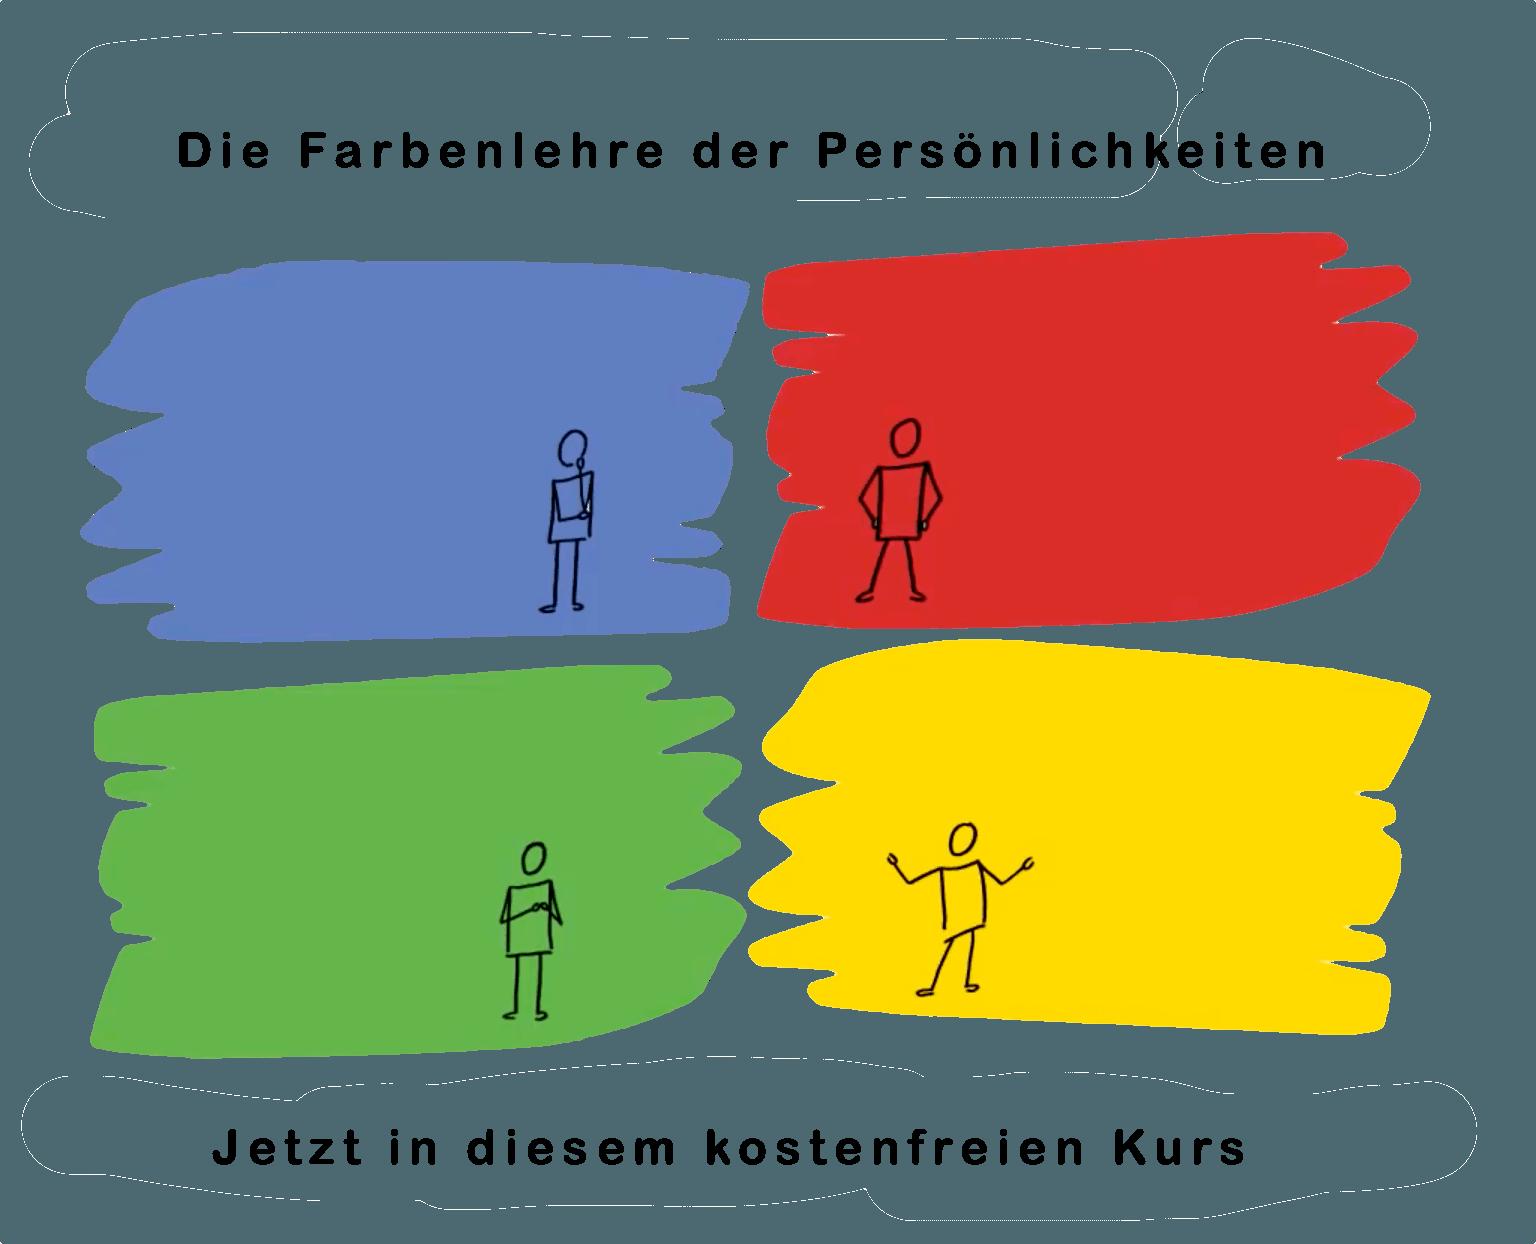 Die Farbenlehre der Persönlichkeiten - Jetzt in diesem kostenfreien Kurs